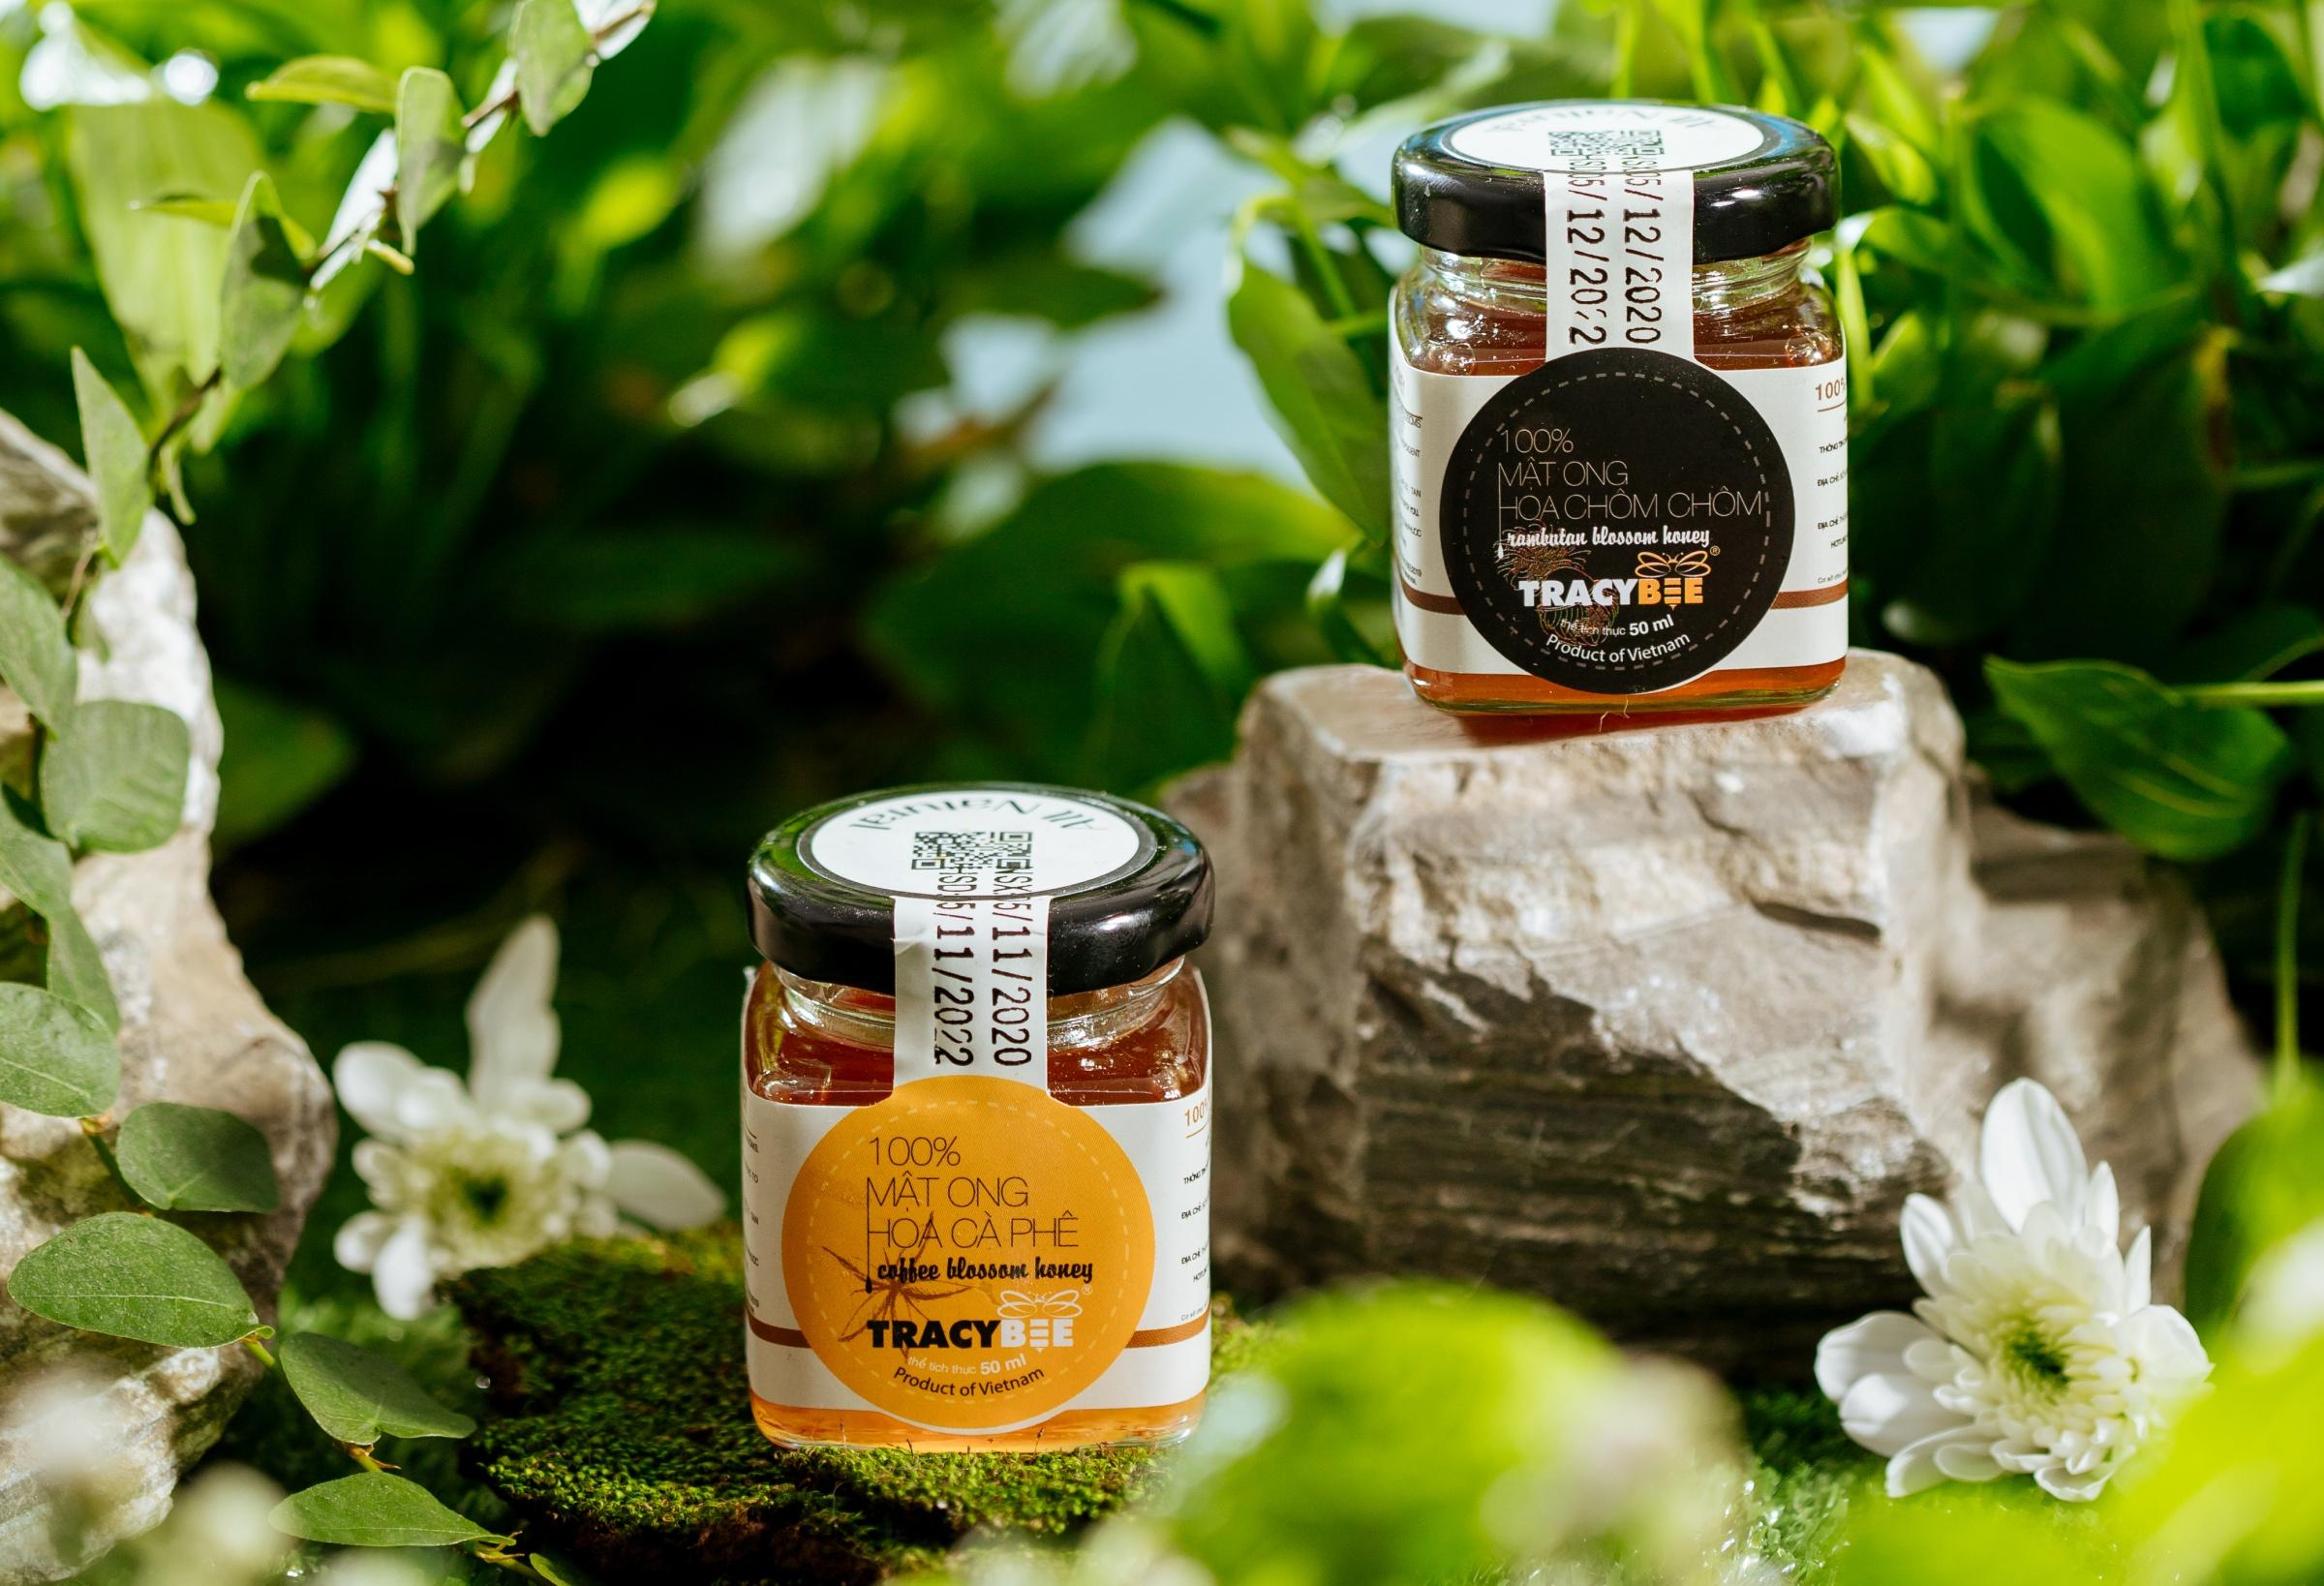 Tracybee có nhiều loại mật ong, đáp ứng đa dạng nhu cầu của người dùng. Ảnh: Tracybee